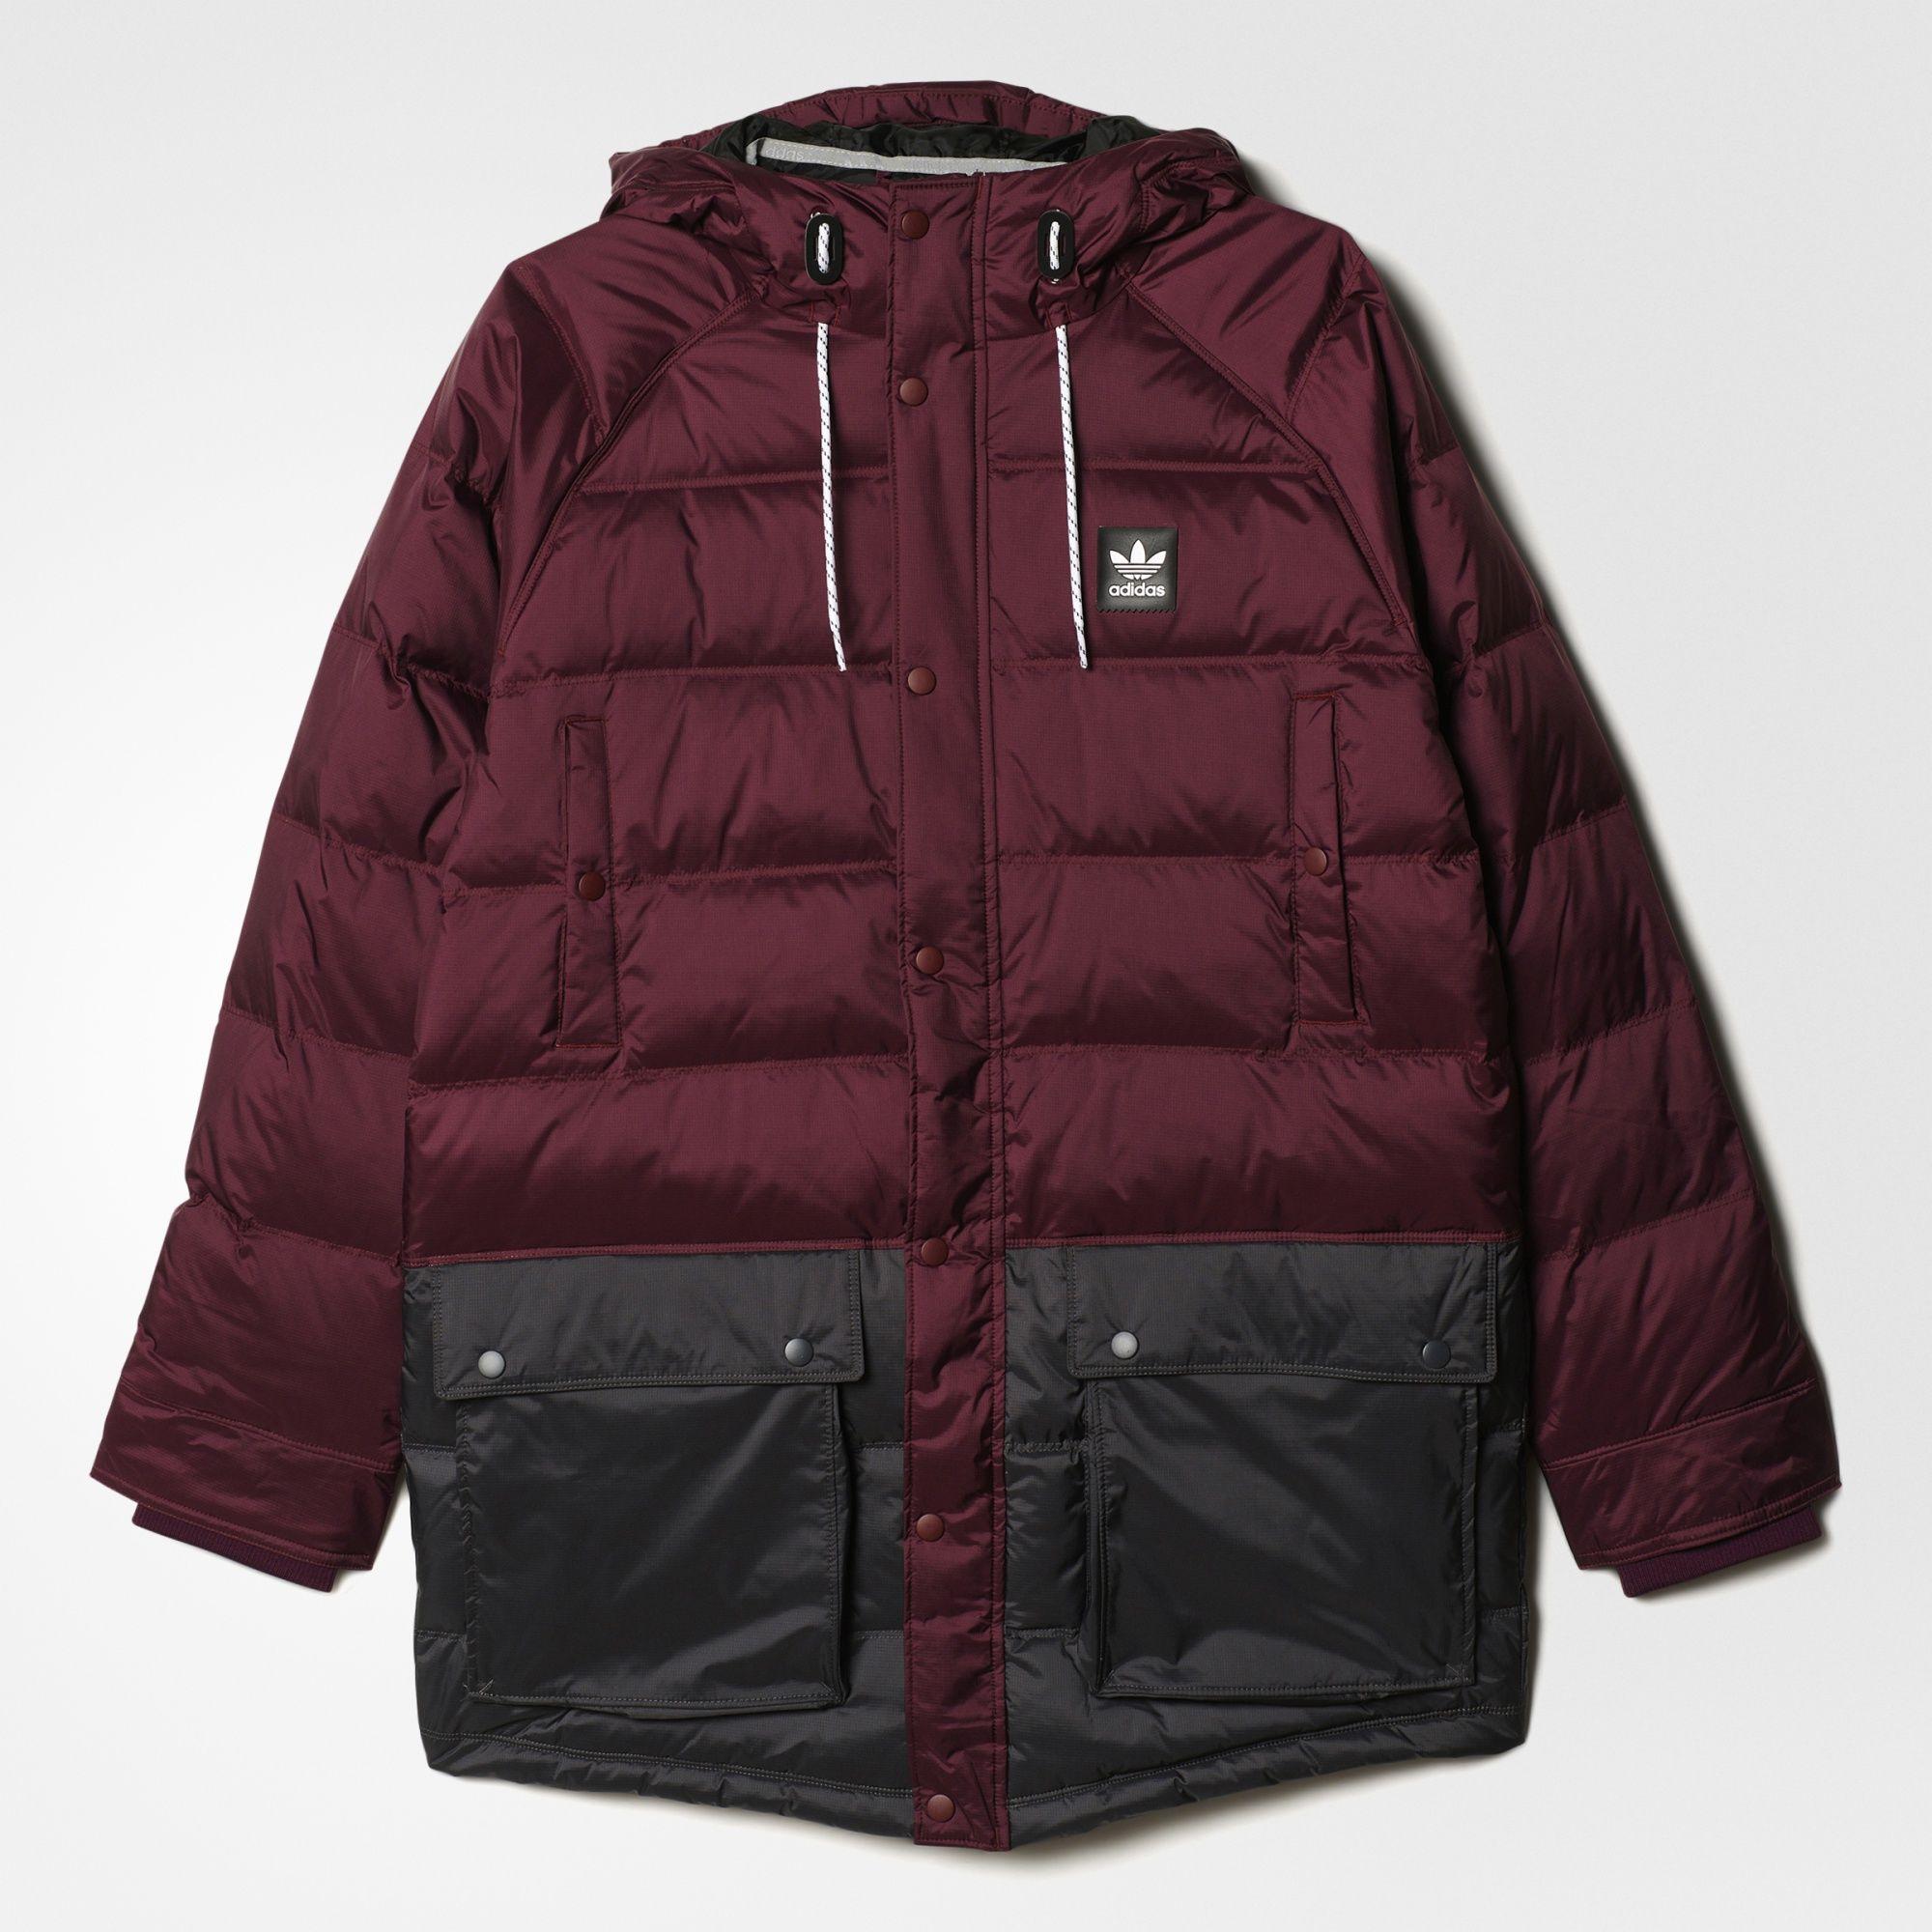 mensaje Varios procedimiento  adidas - Chamarra de Invierno Originals | Jackets, Winter jackets, Military  jacket